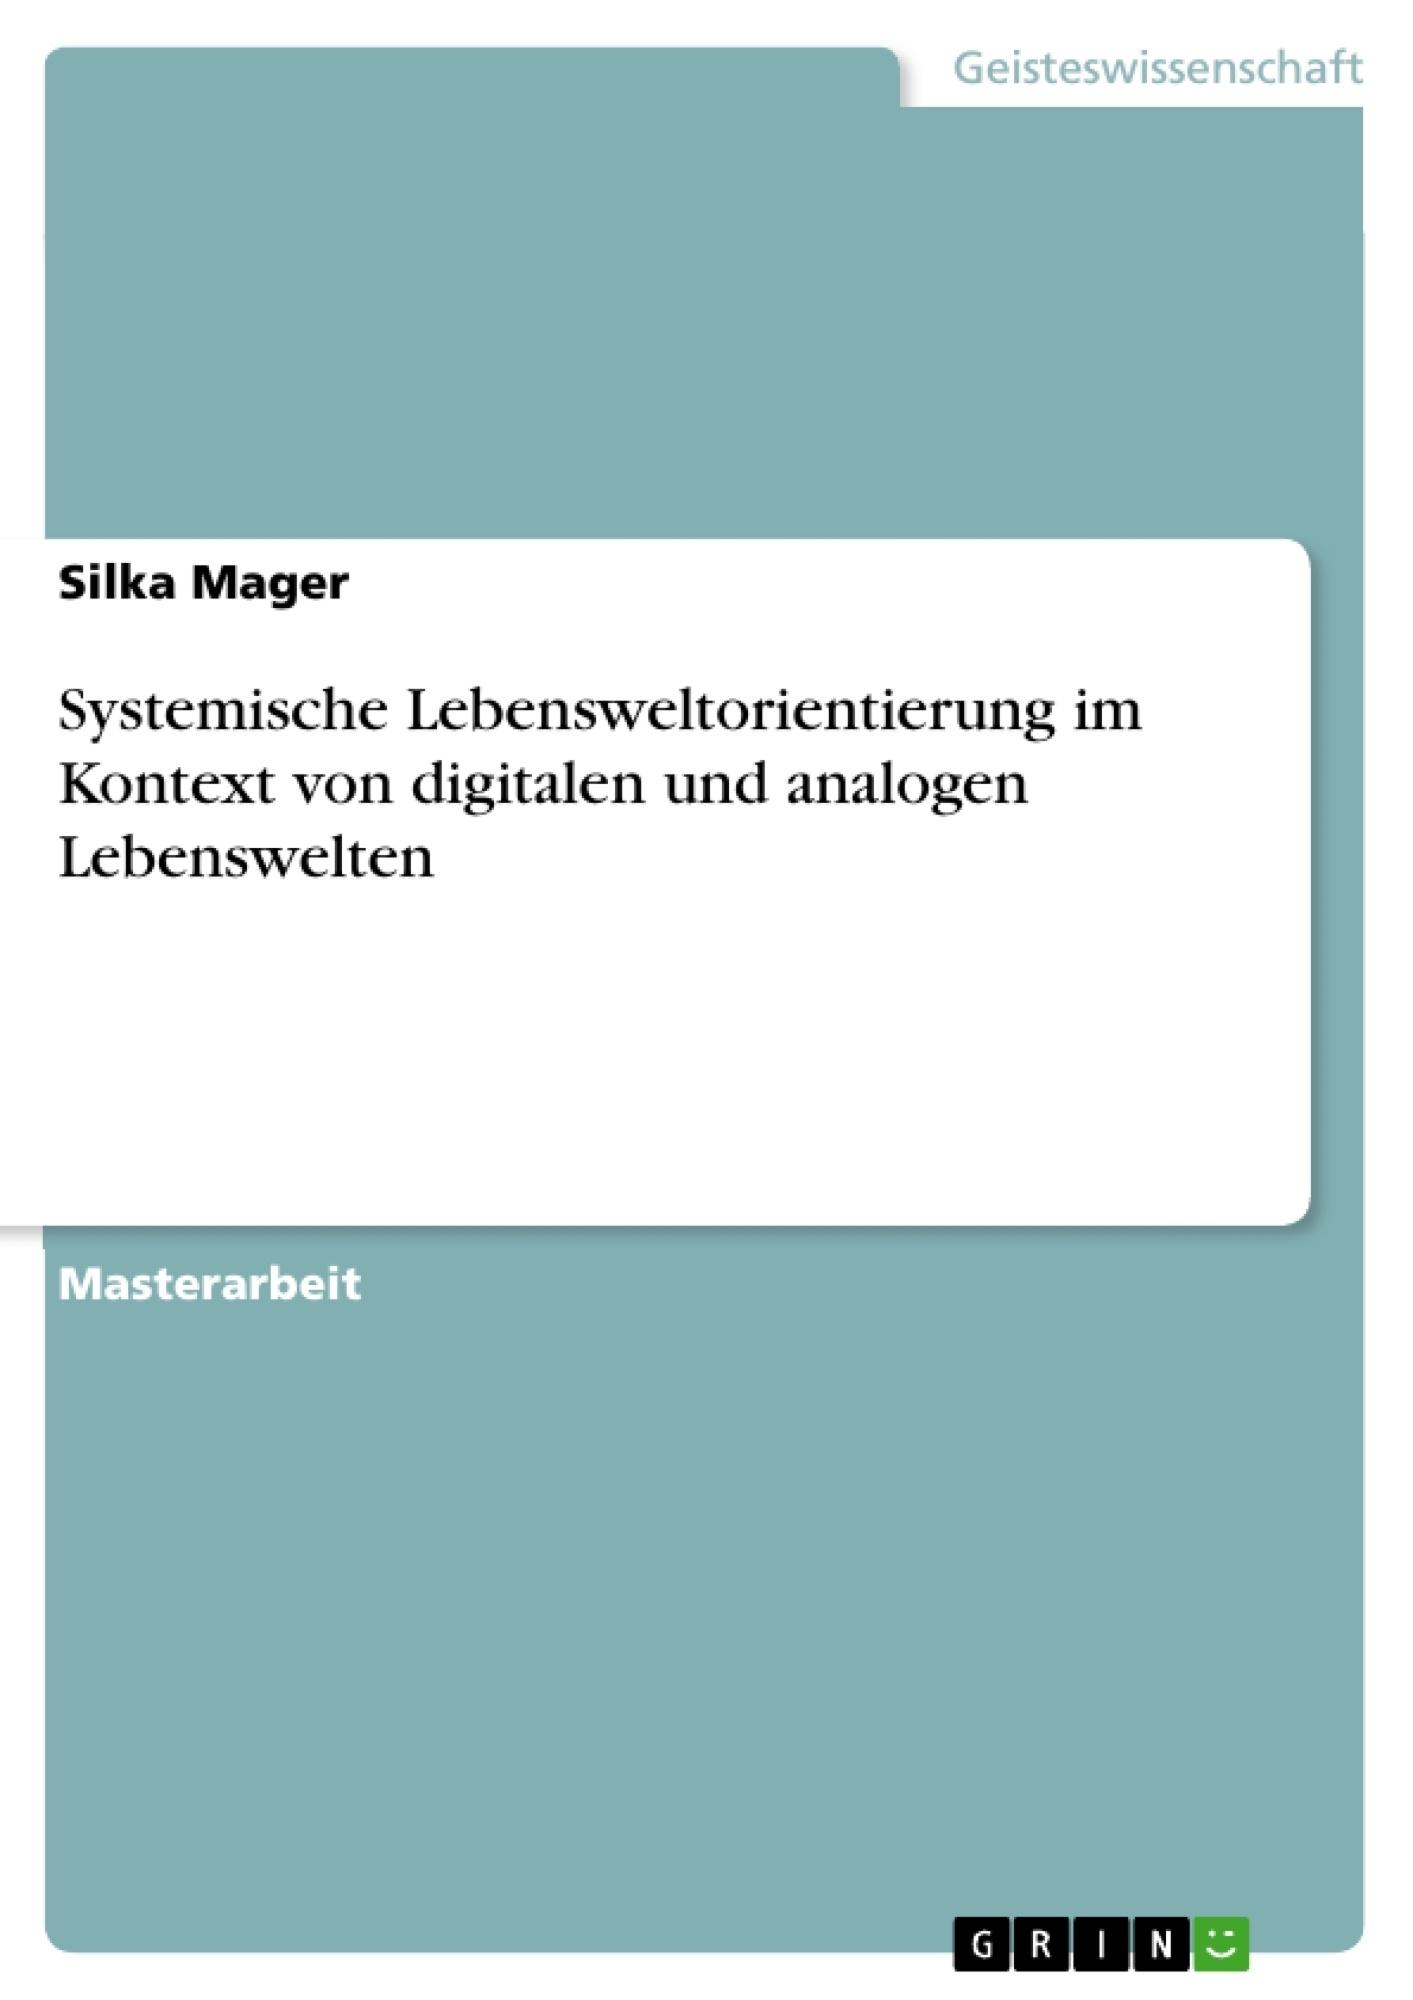 Titel: Systemische Lebensweltorientierung im Kontext von digitalen und analogen Lebenswelten